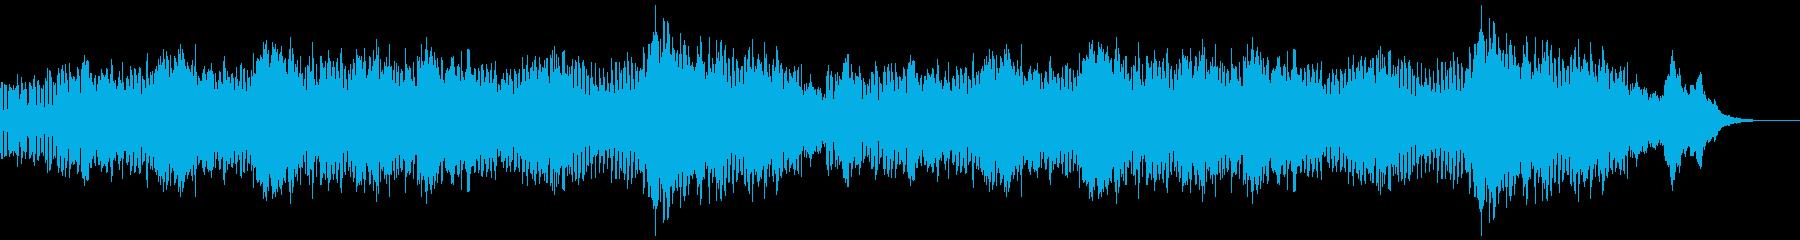 ジブリアニメ風_子供_絵本_生命の繋がりの再生済みの波形